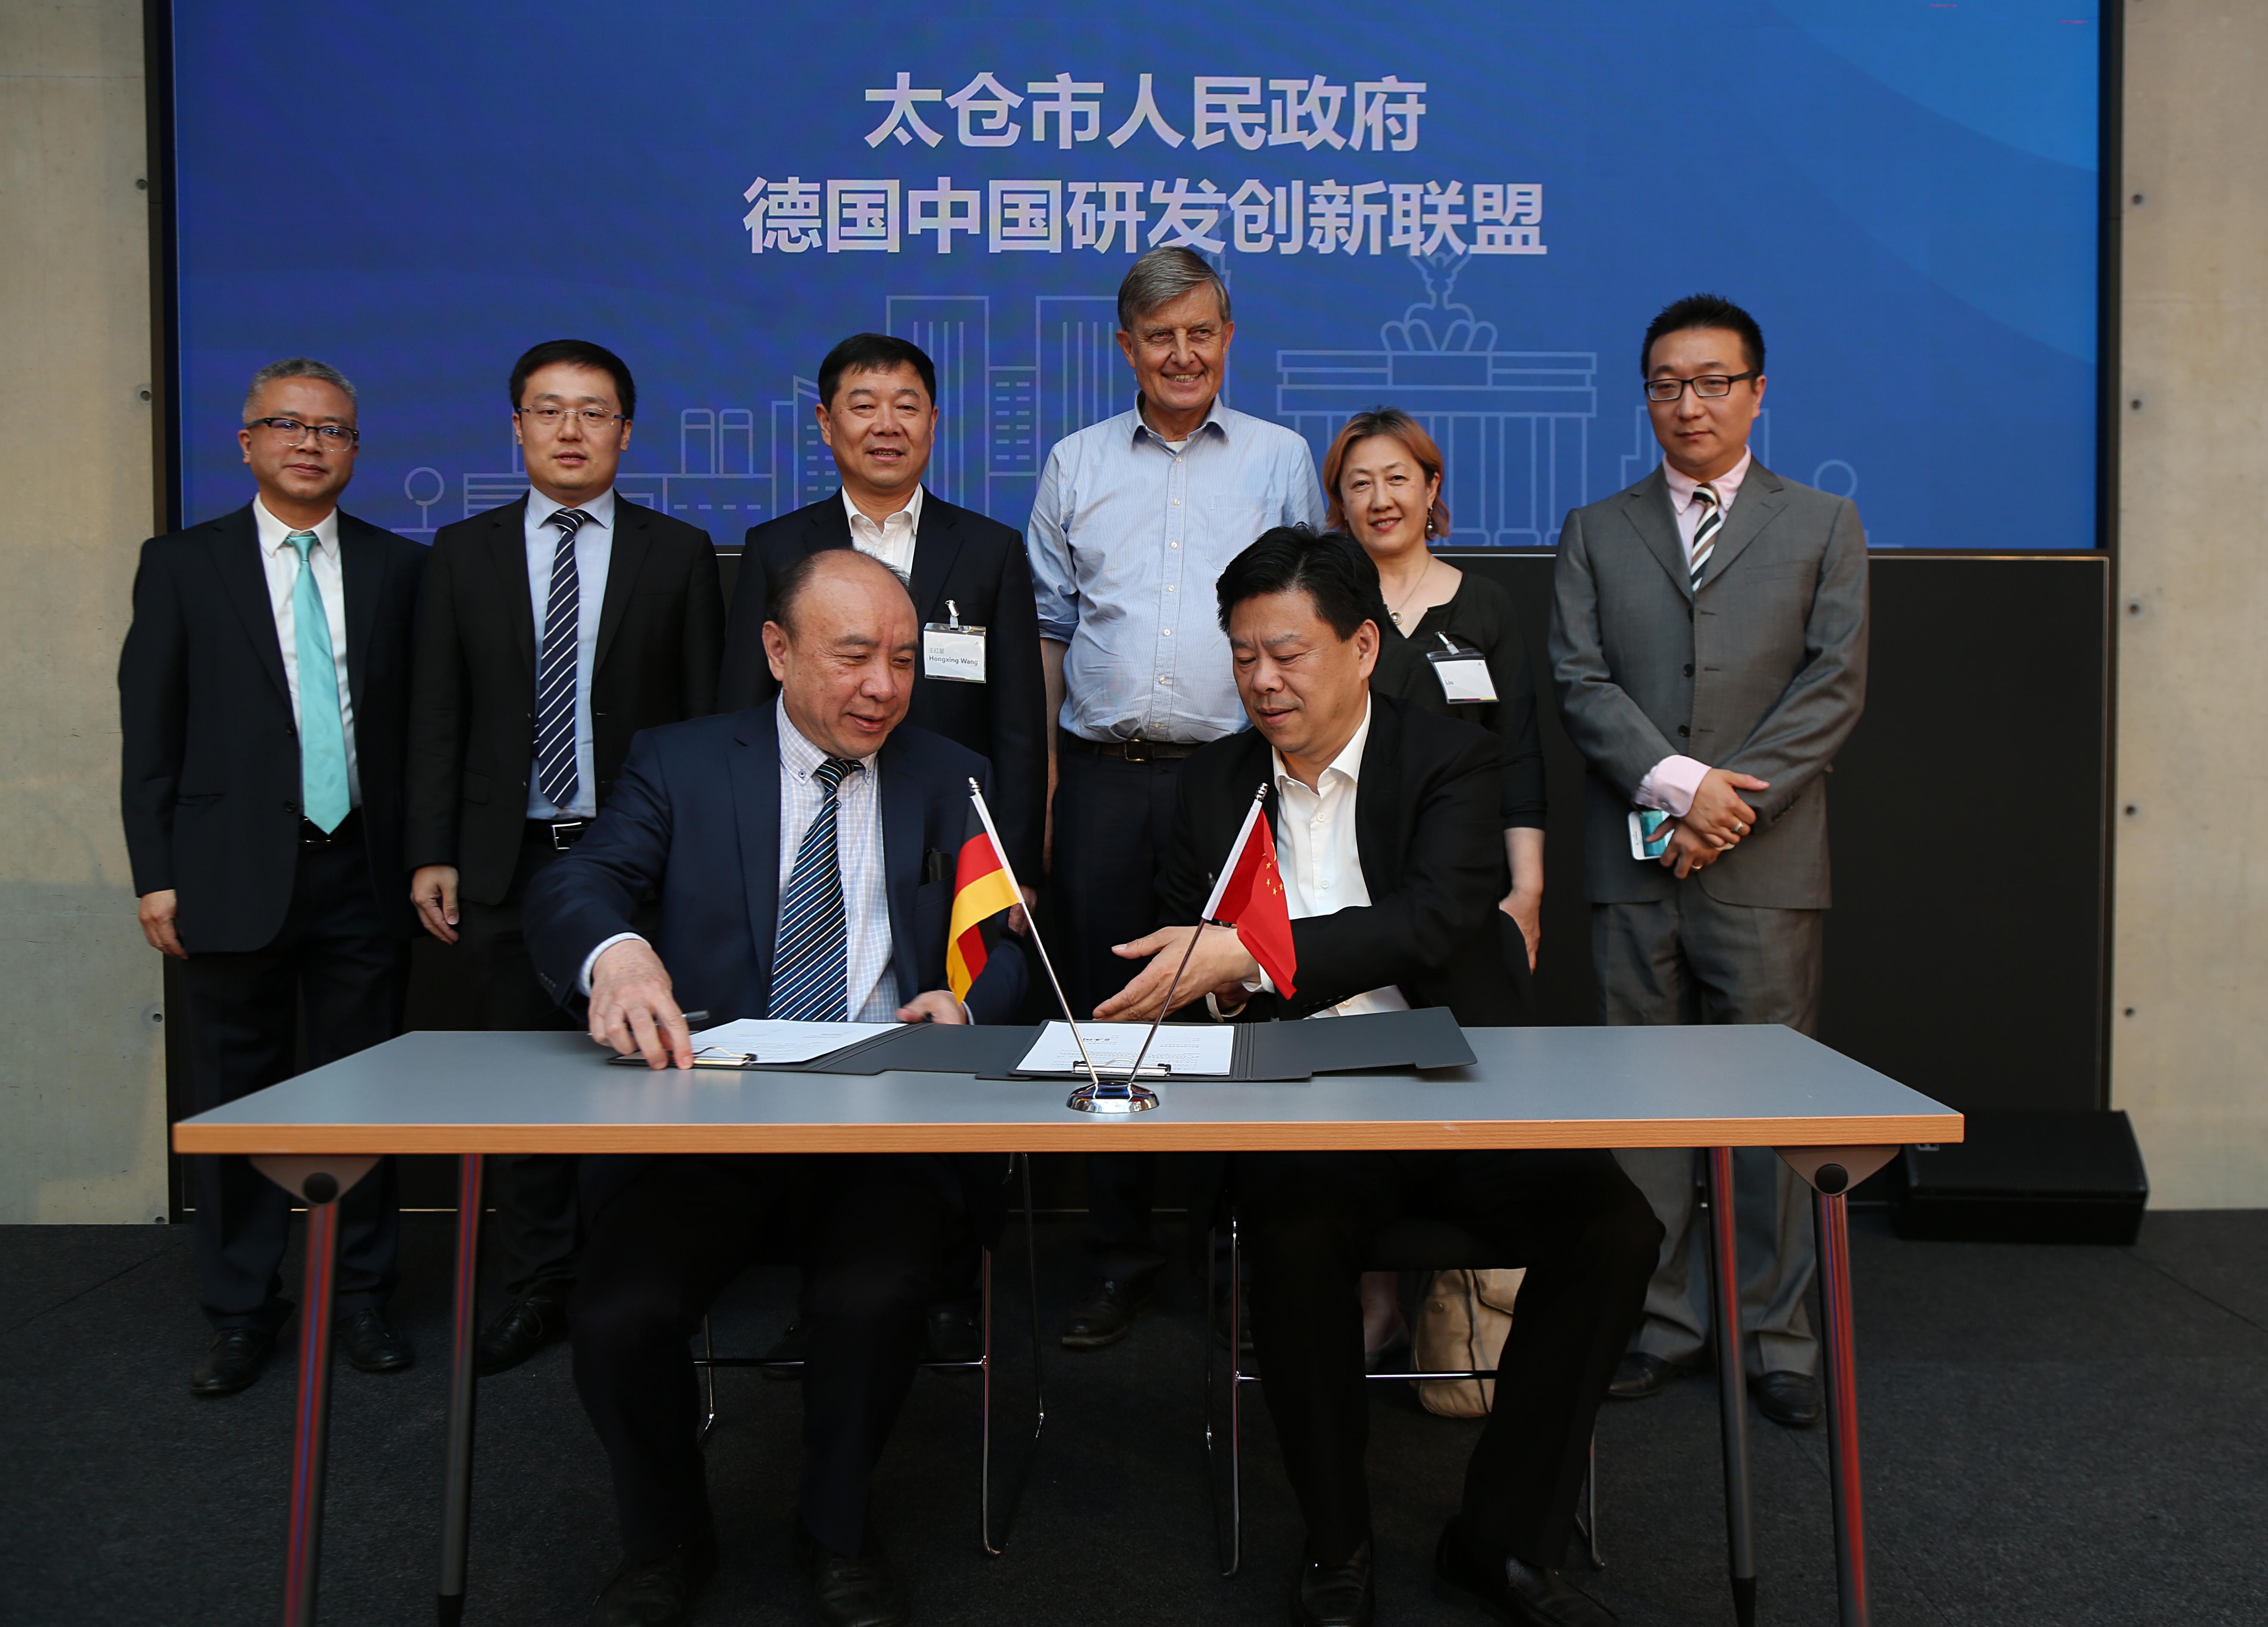 CFEID-Präsident LEI Xianzhang (vorne links) erläutert OB WANG Jianguo (rechts) die Vorhaben seiner Organisation im Innovationsbereich